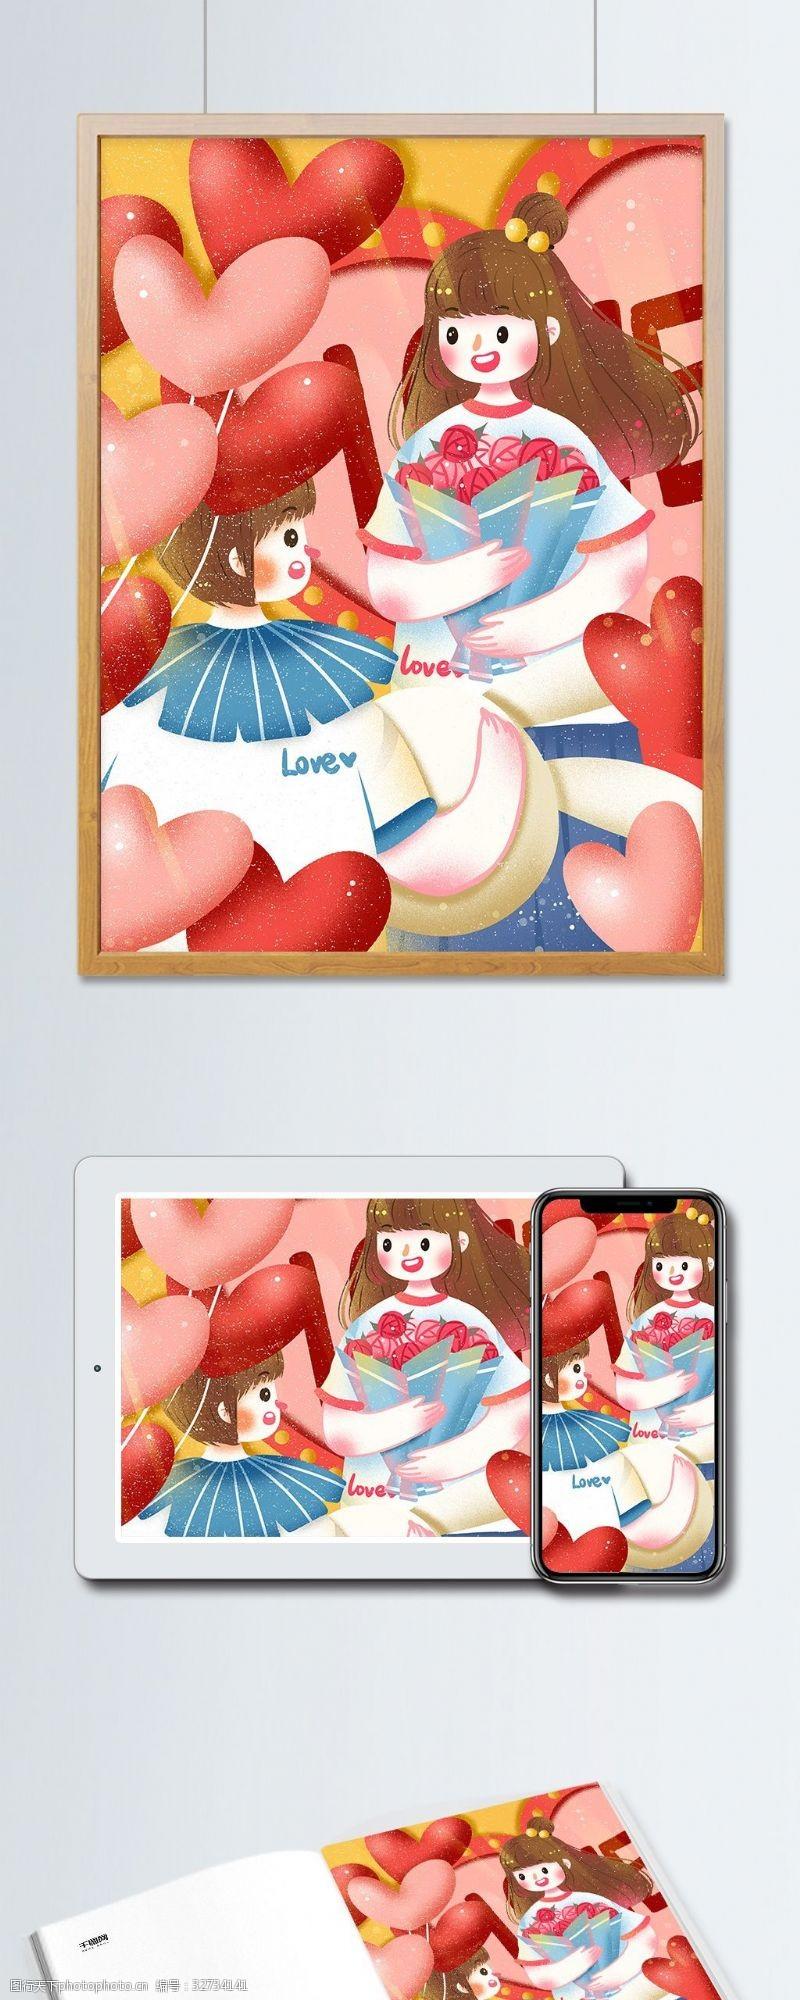 鲜花女孩表白520情人节告白恋爱少女气球鲜花海报